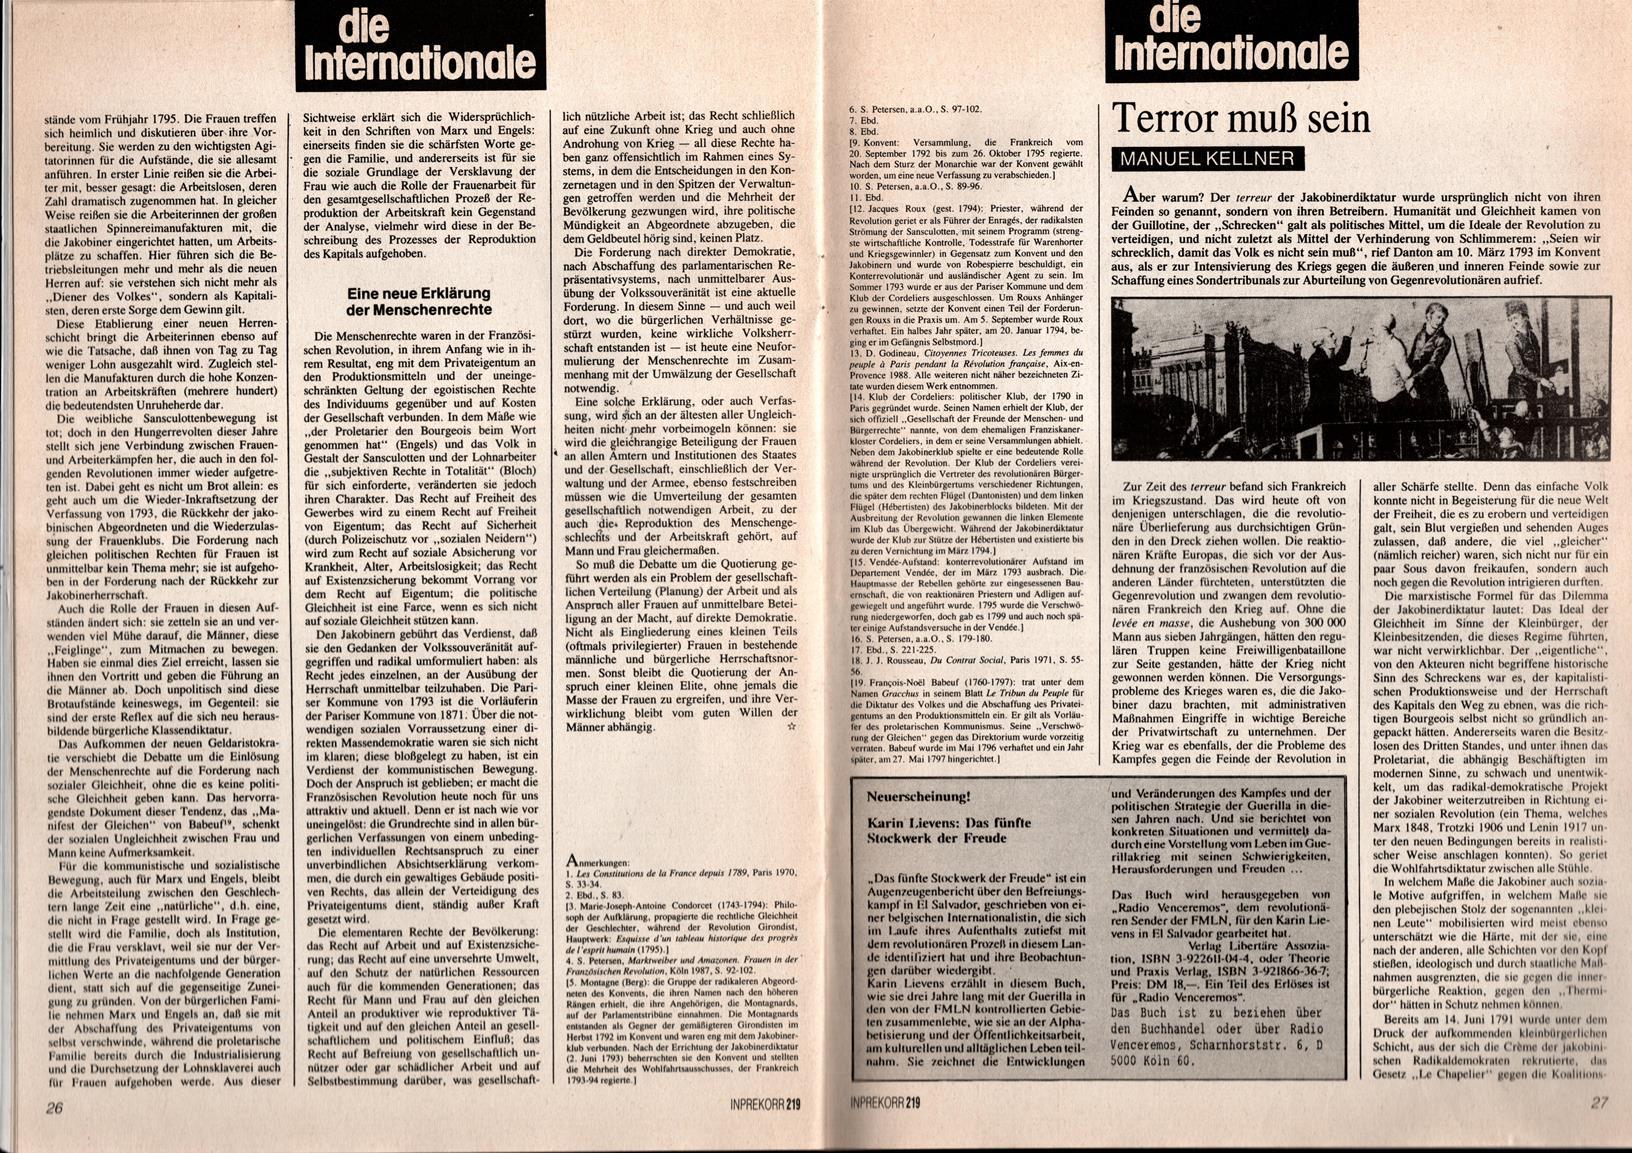 Inprekorr_19890900_219_014